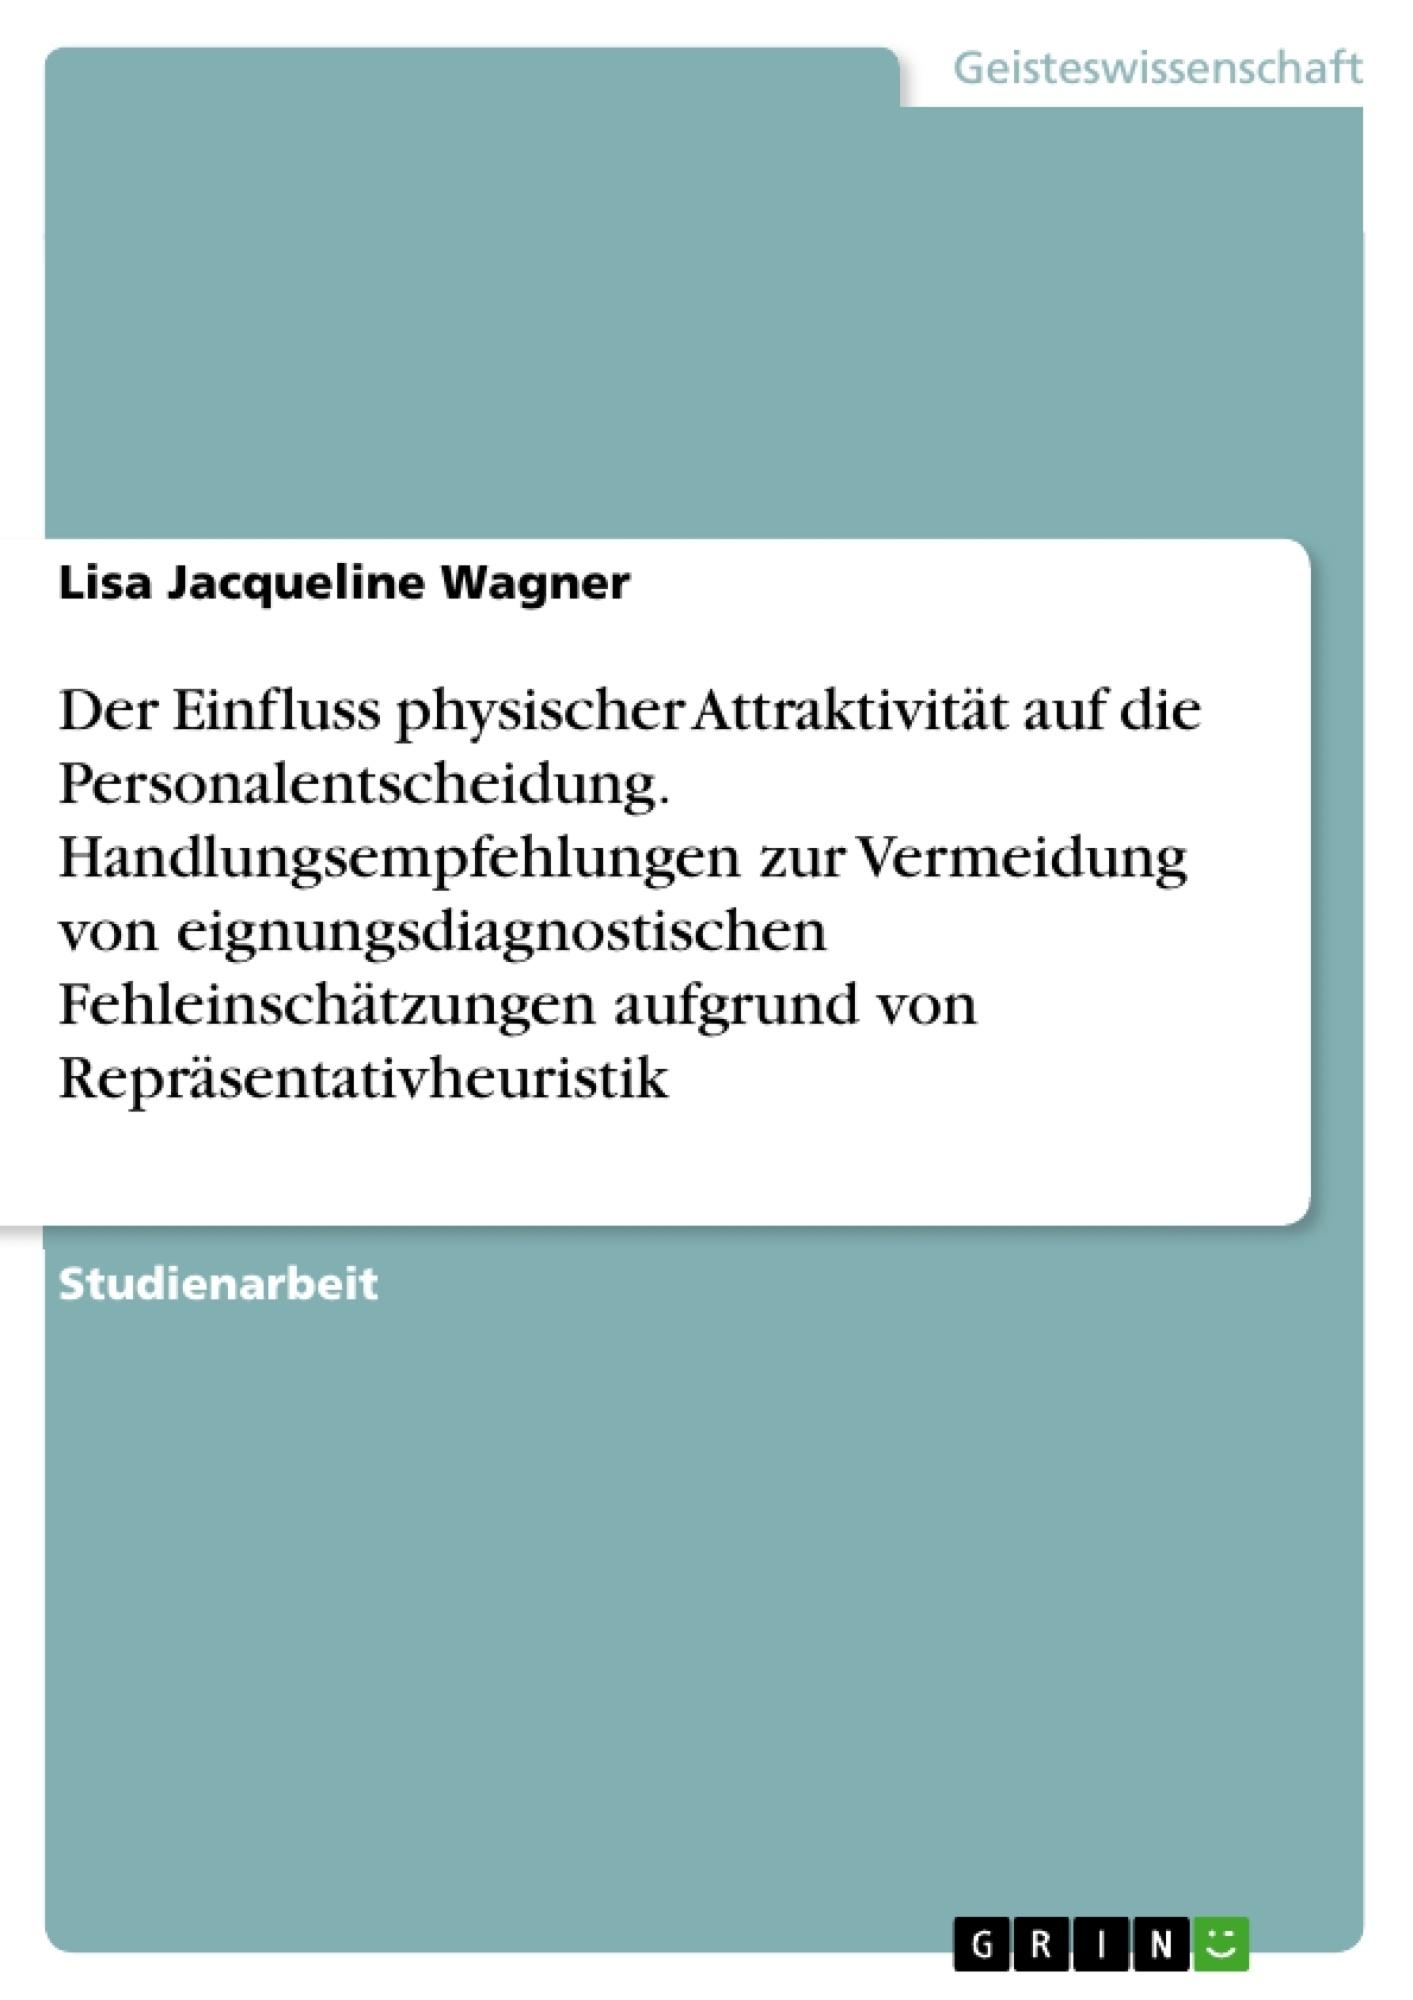 Titel: Der Einfluss physischer Attraktivität auf die Personalentscheidung. Handlungsempfehlungen zur Vermeidung von eignungsdiagnostischen Fehleinschätzungen aufgrund von Repräsentativheuristik